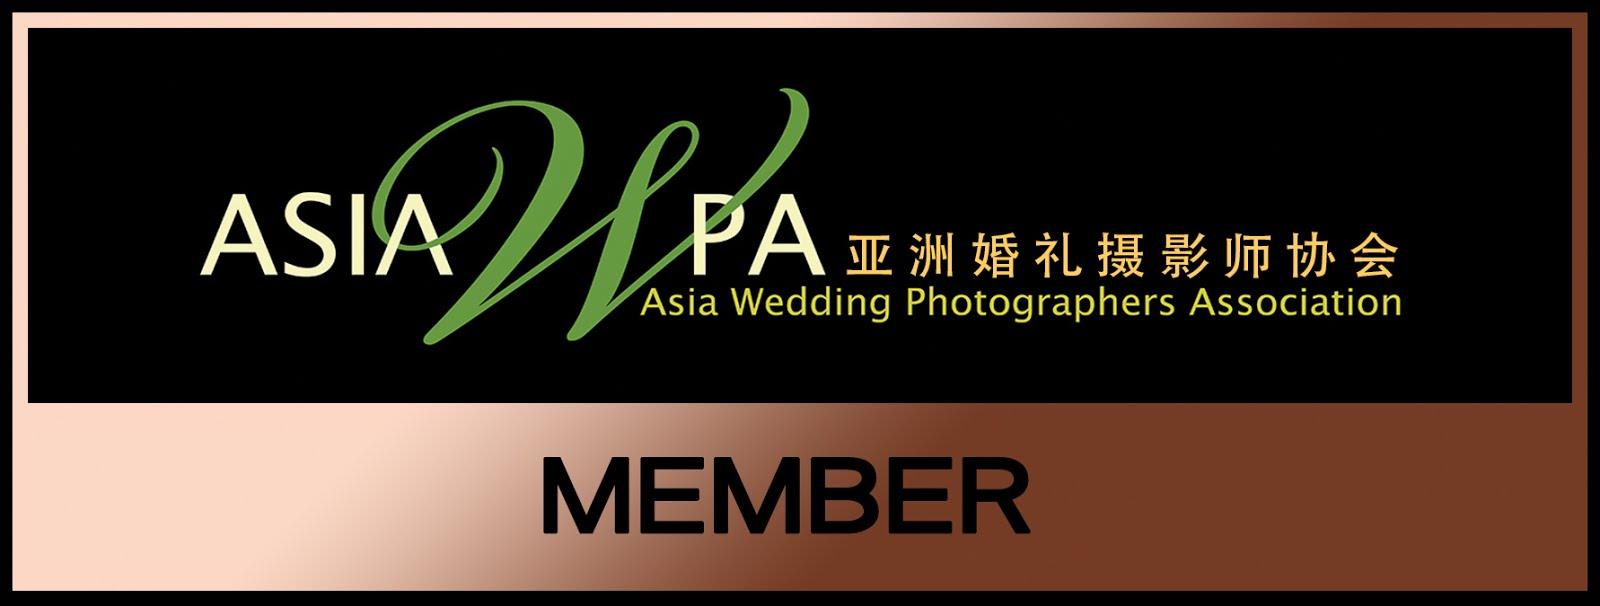 AsiaWPA 亞洲婚禮攝影師協會